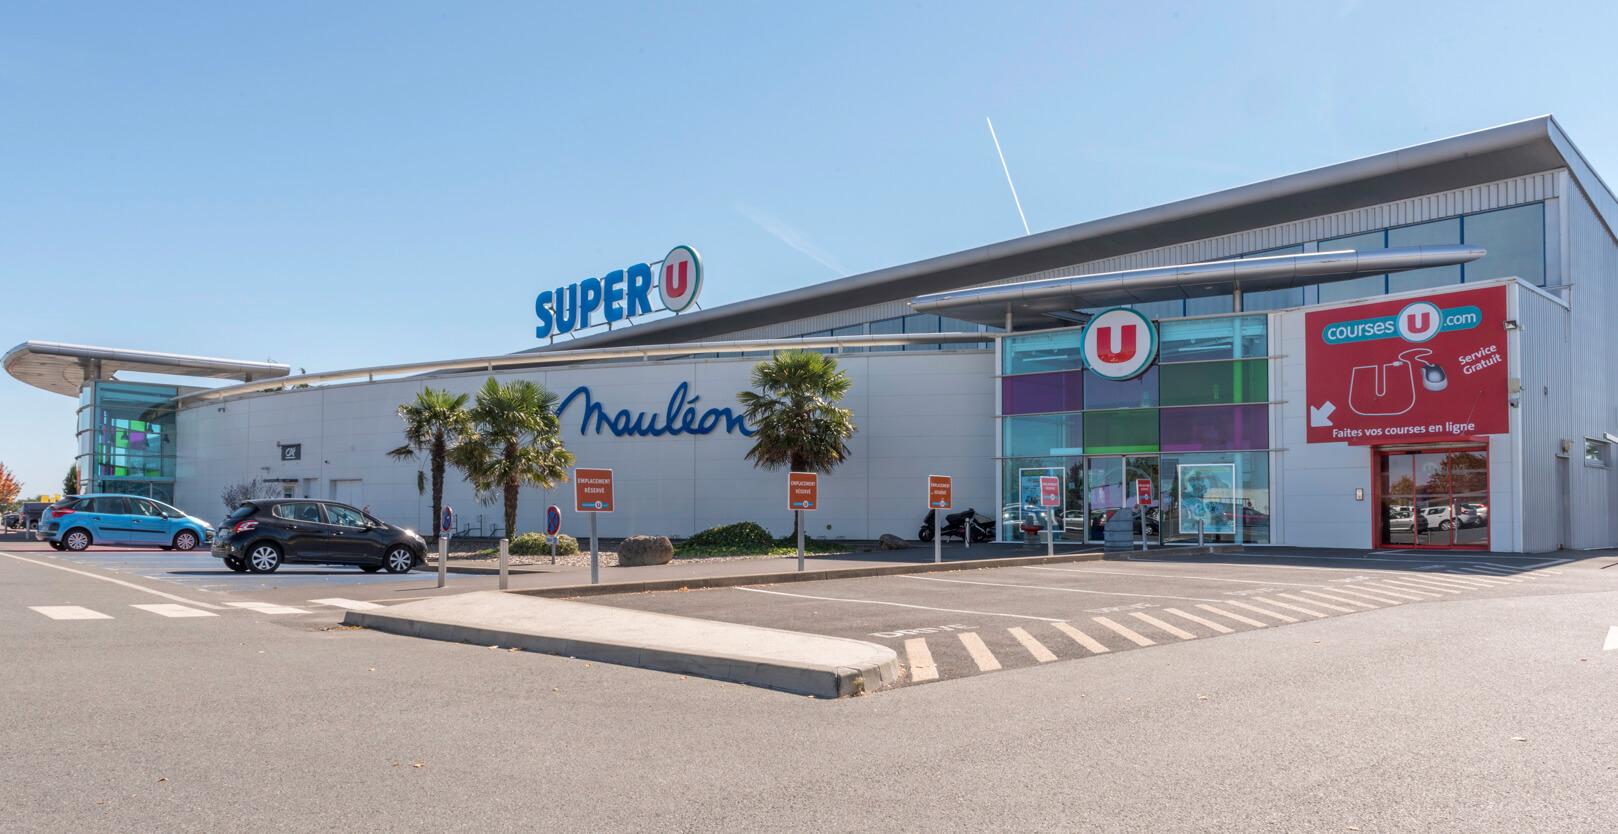 Drive MAULÉON - Livraison courses à domicile Super U